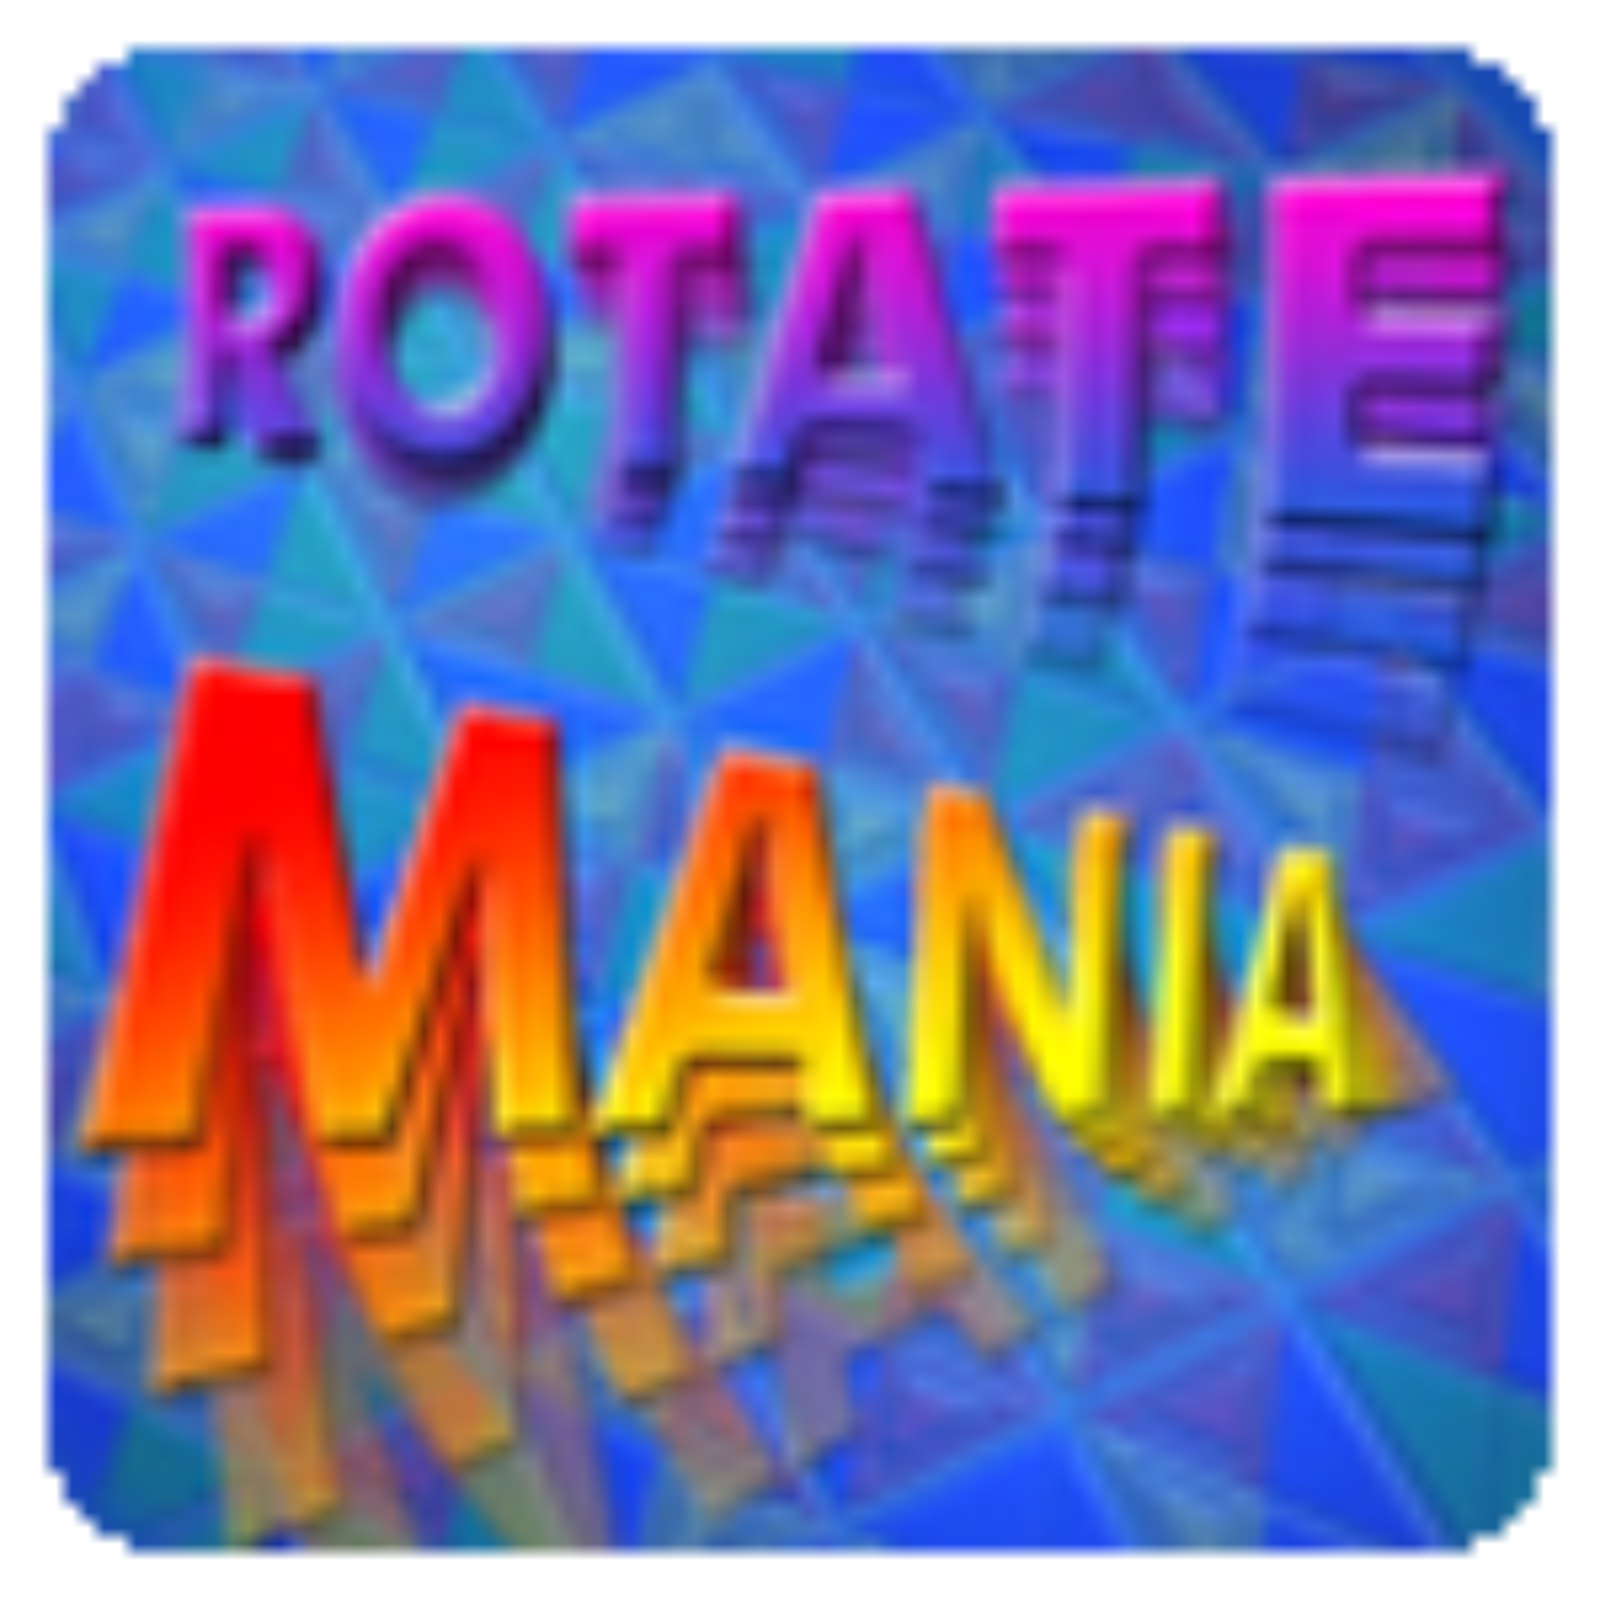 Rotate Mania